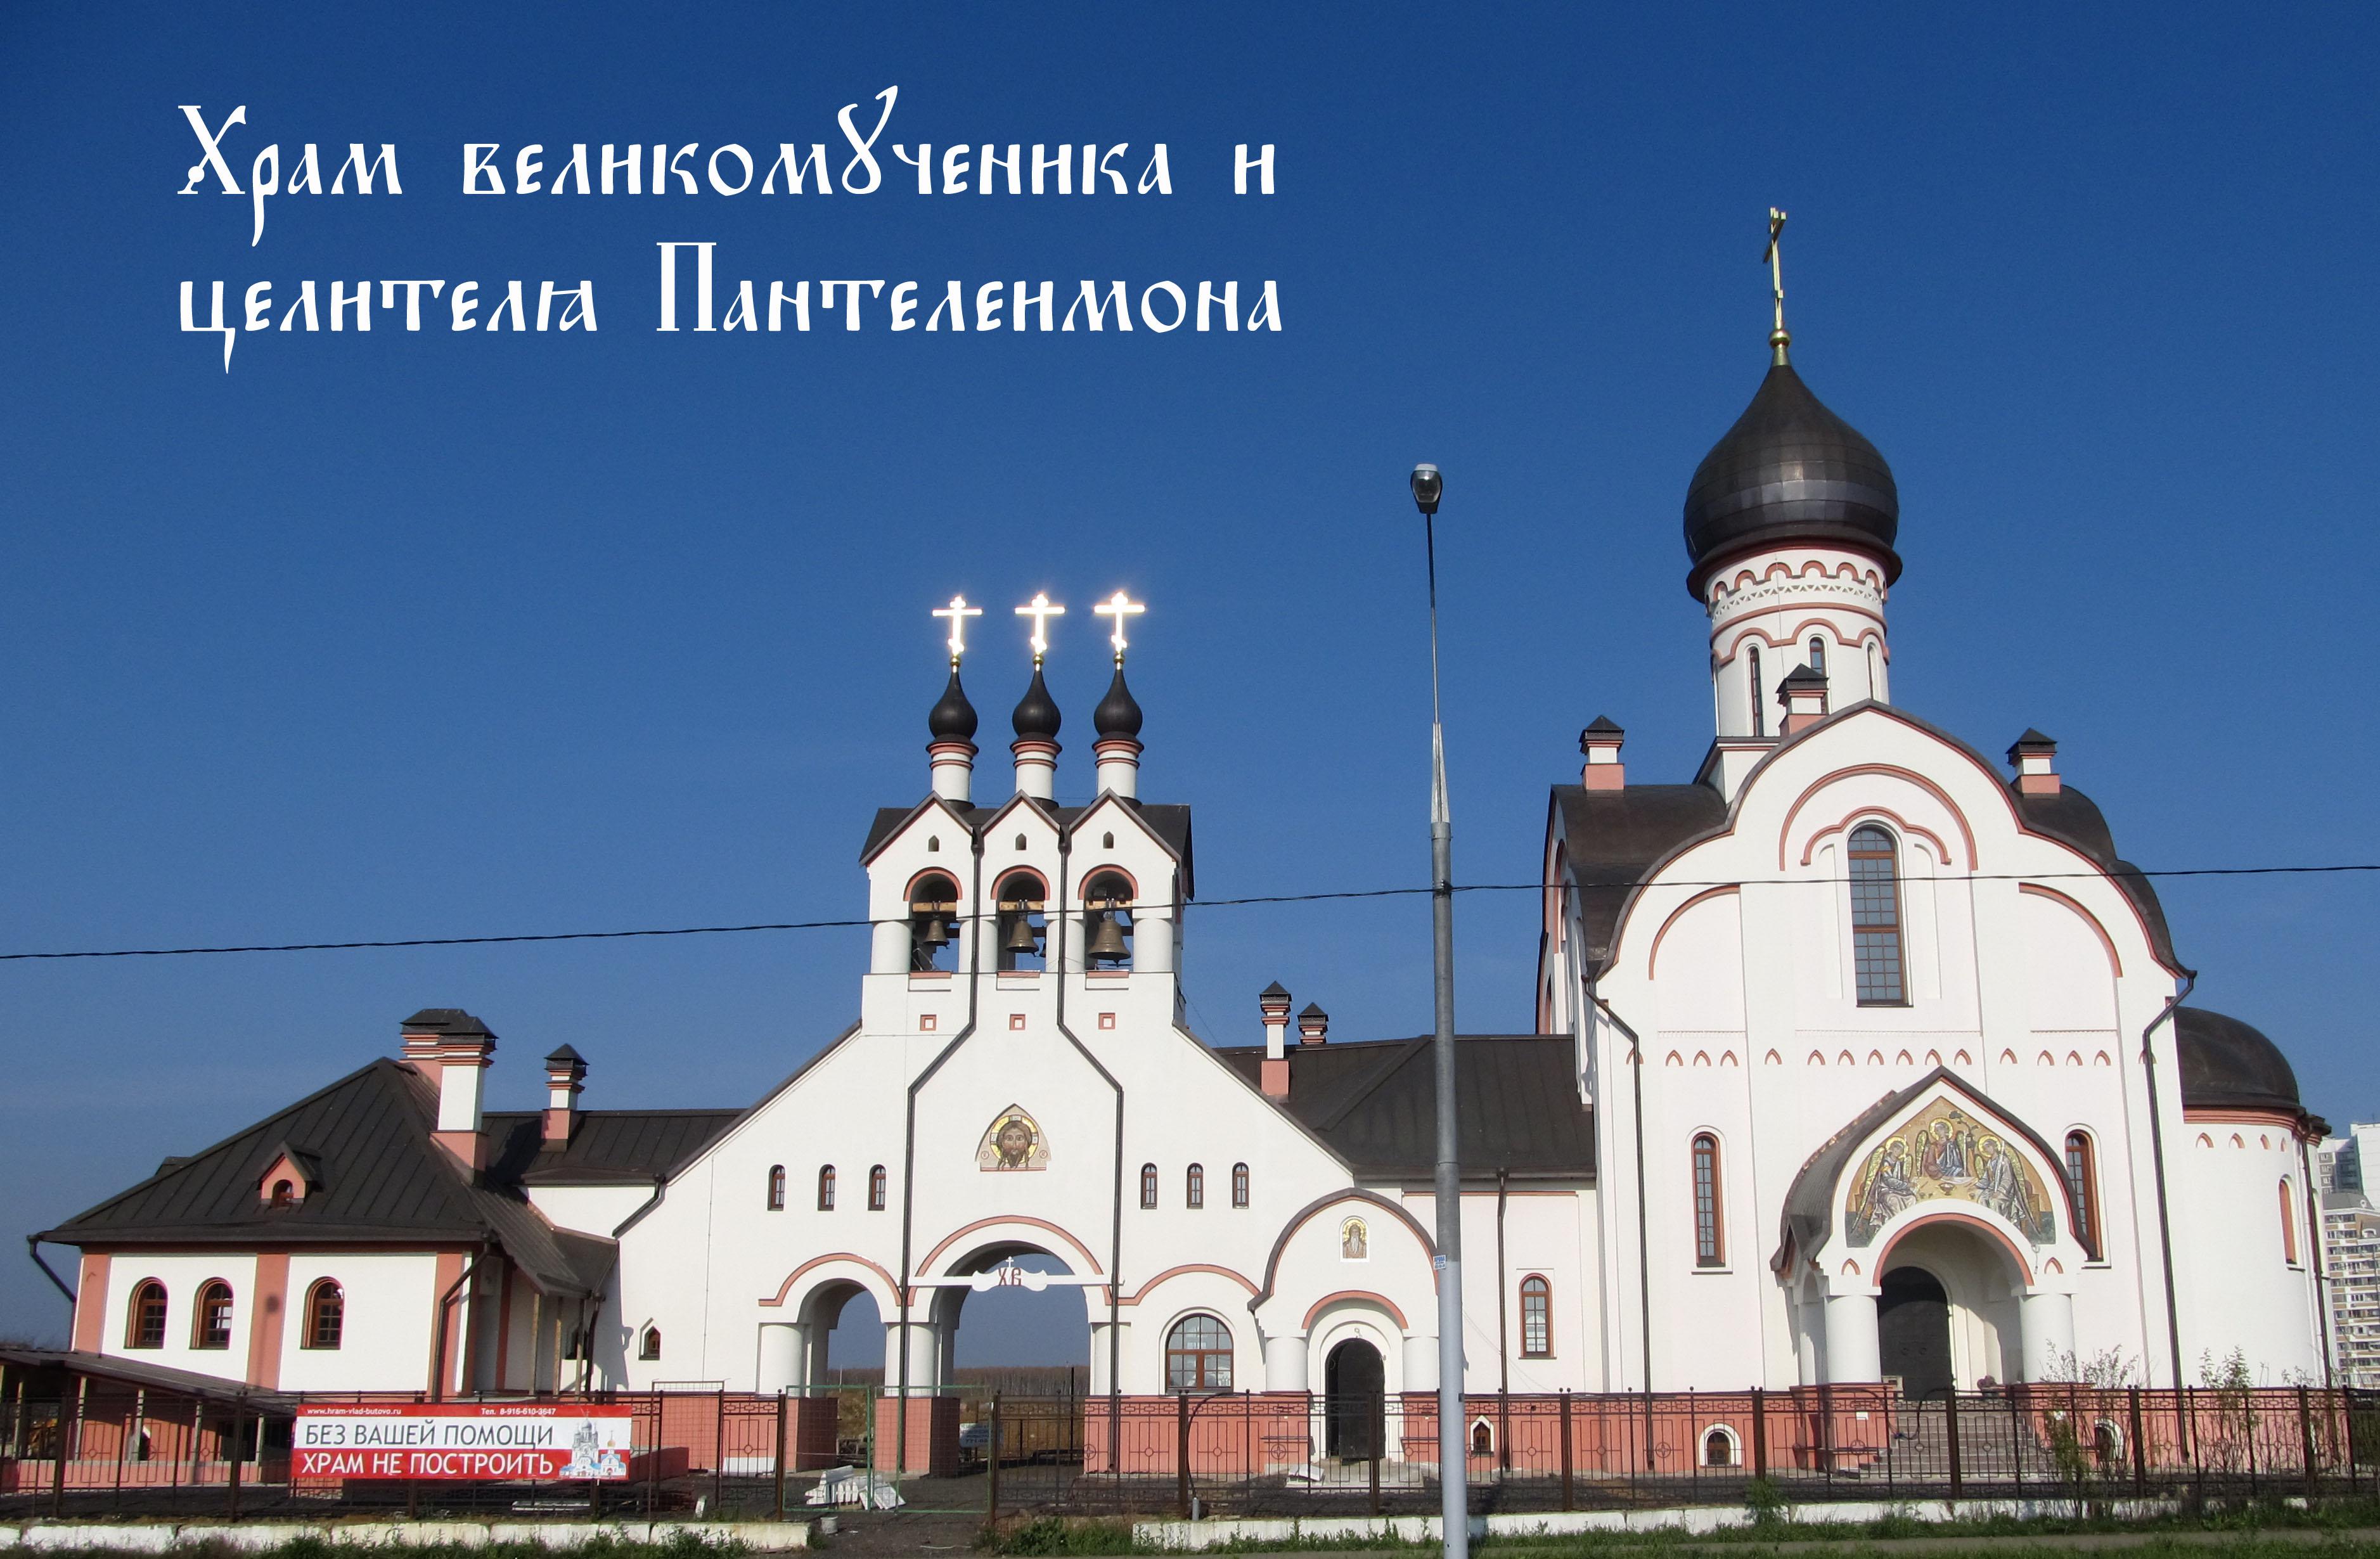 Церкви и храмы пантелеймона 2 фотография